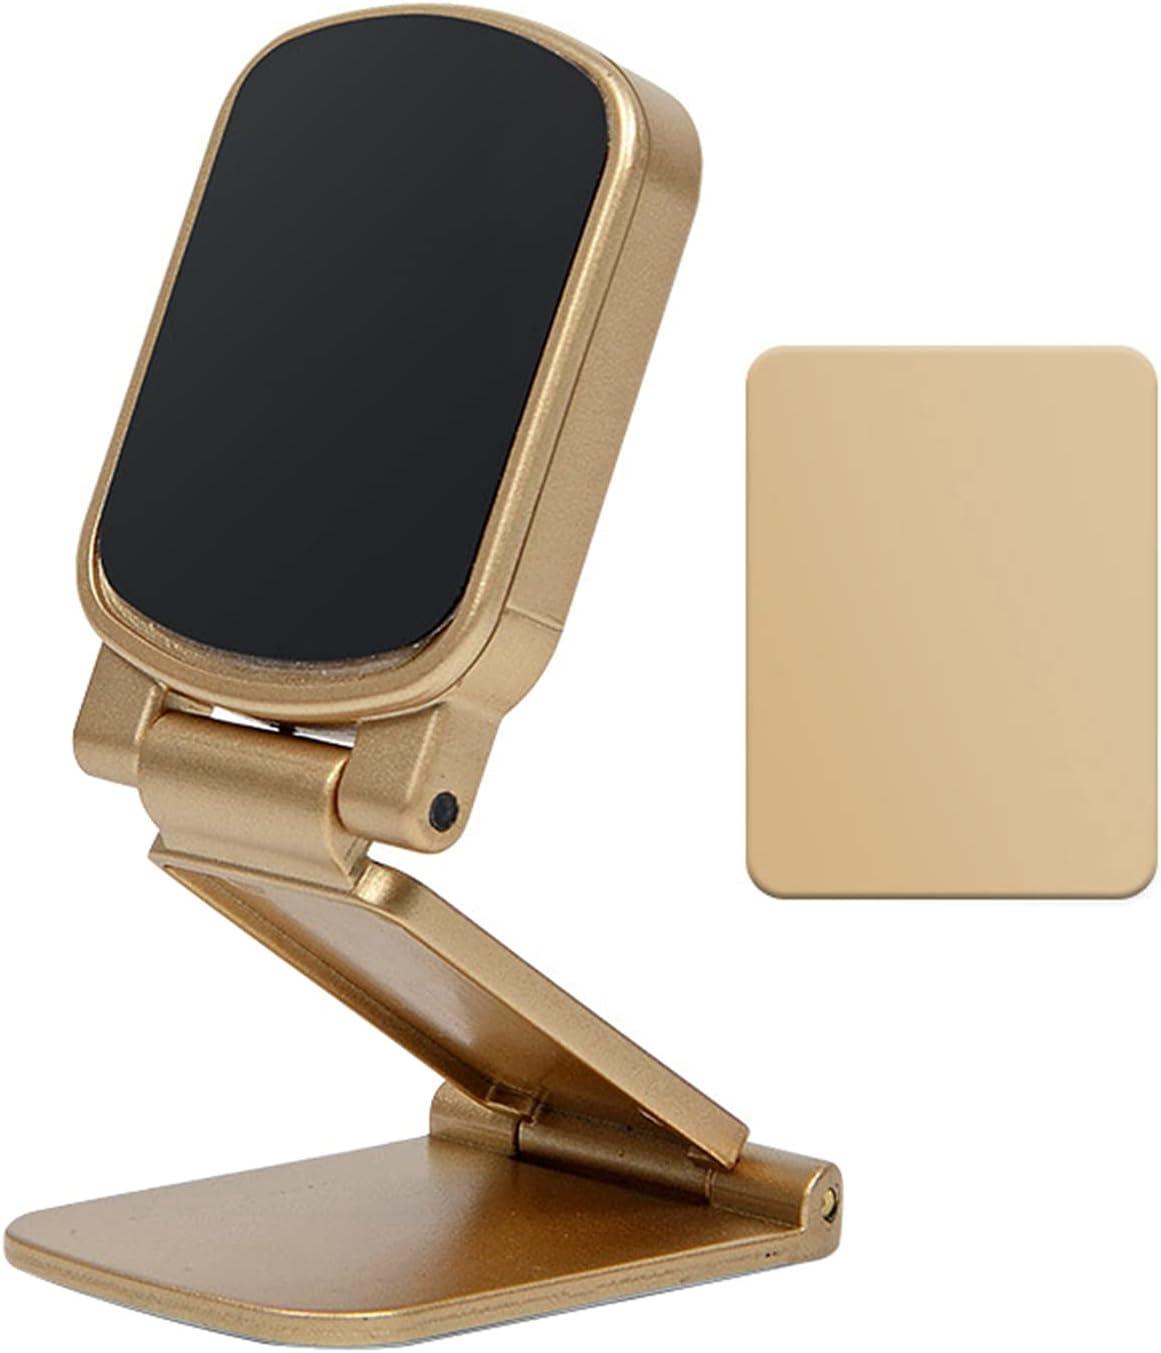 Sonoaud Soporte de teléfono elegante del soporte del teléfono del tablero de instrumentos del coche del soporte magnético compacto magnético para el oro del vehículo